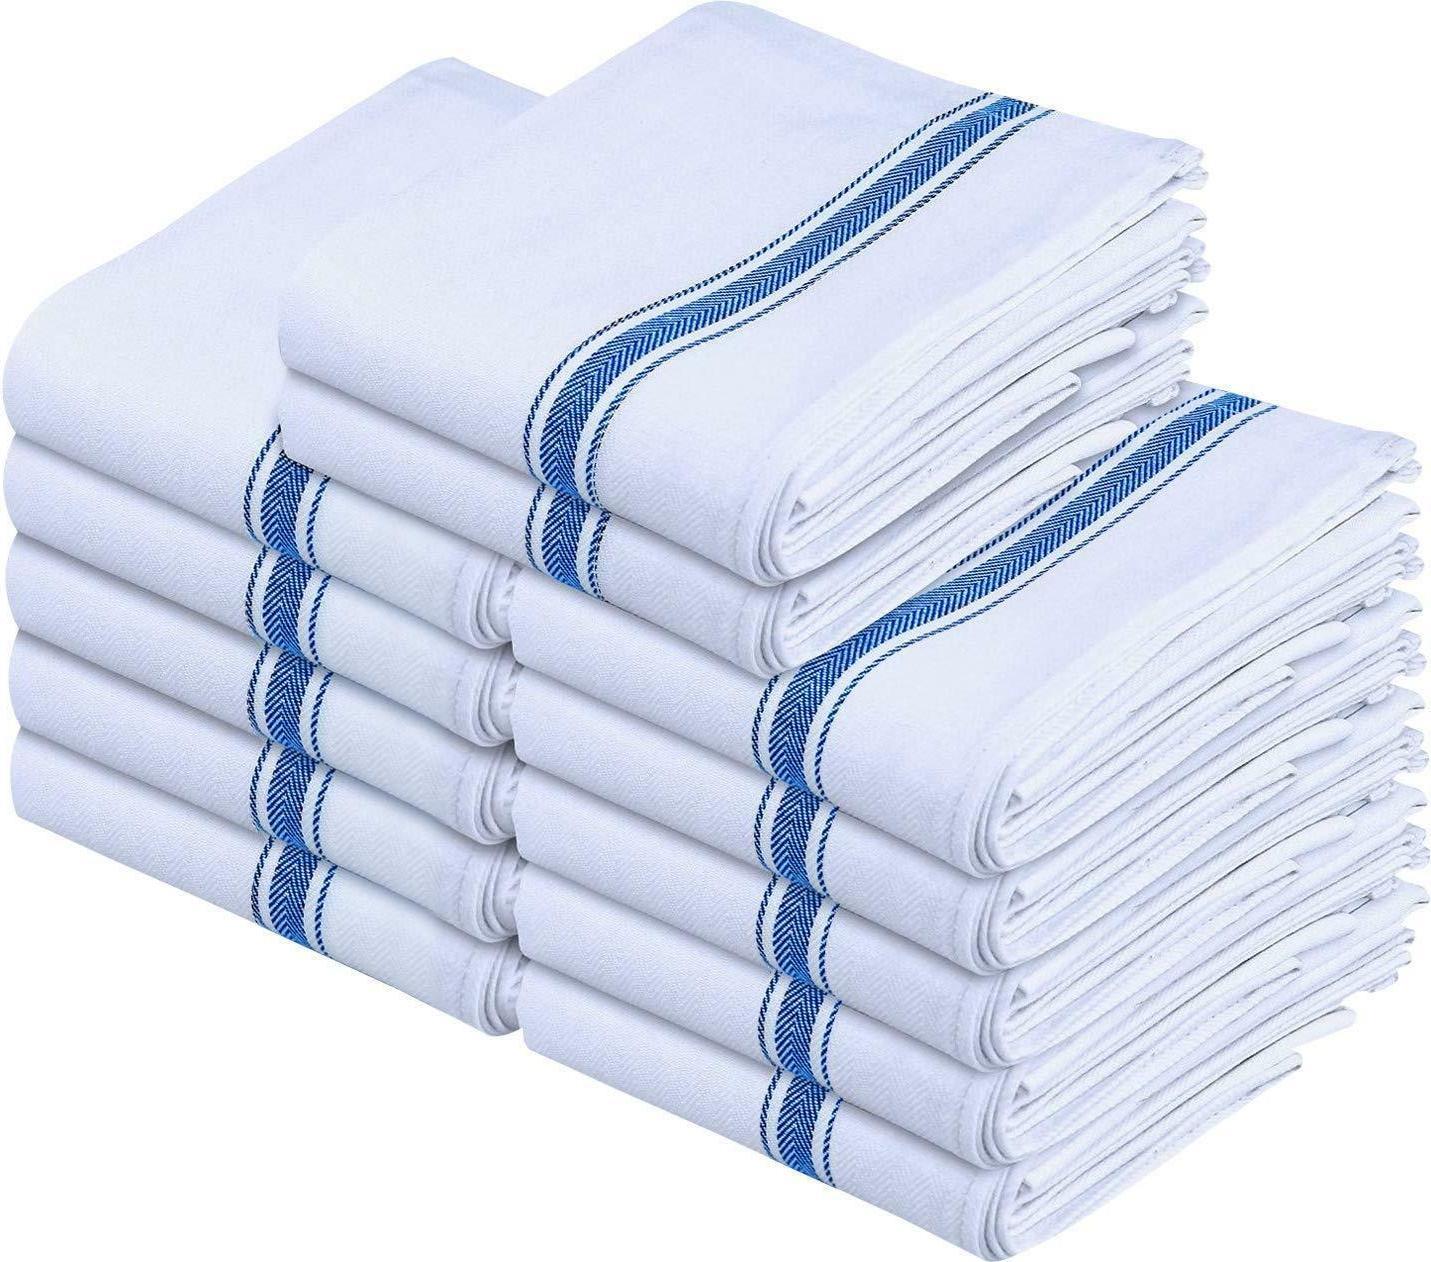 Utopia Towels Kitchen Towels  - Dish Towels, Machine Washabl